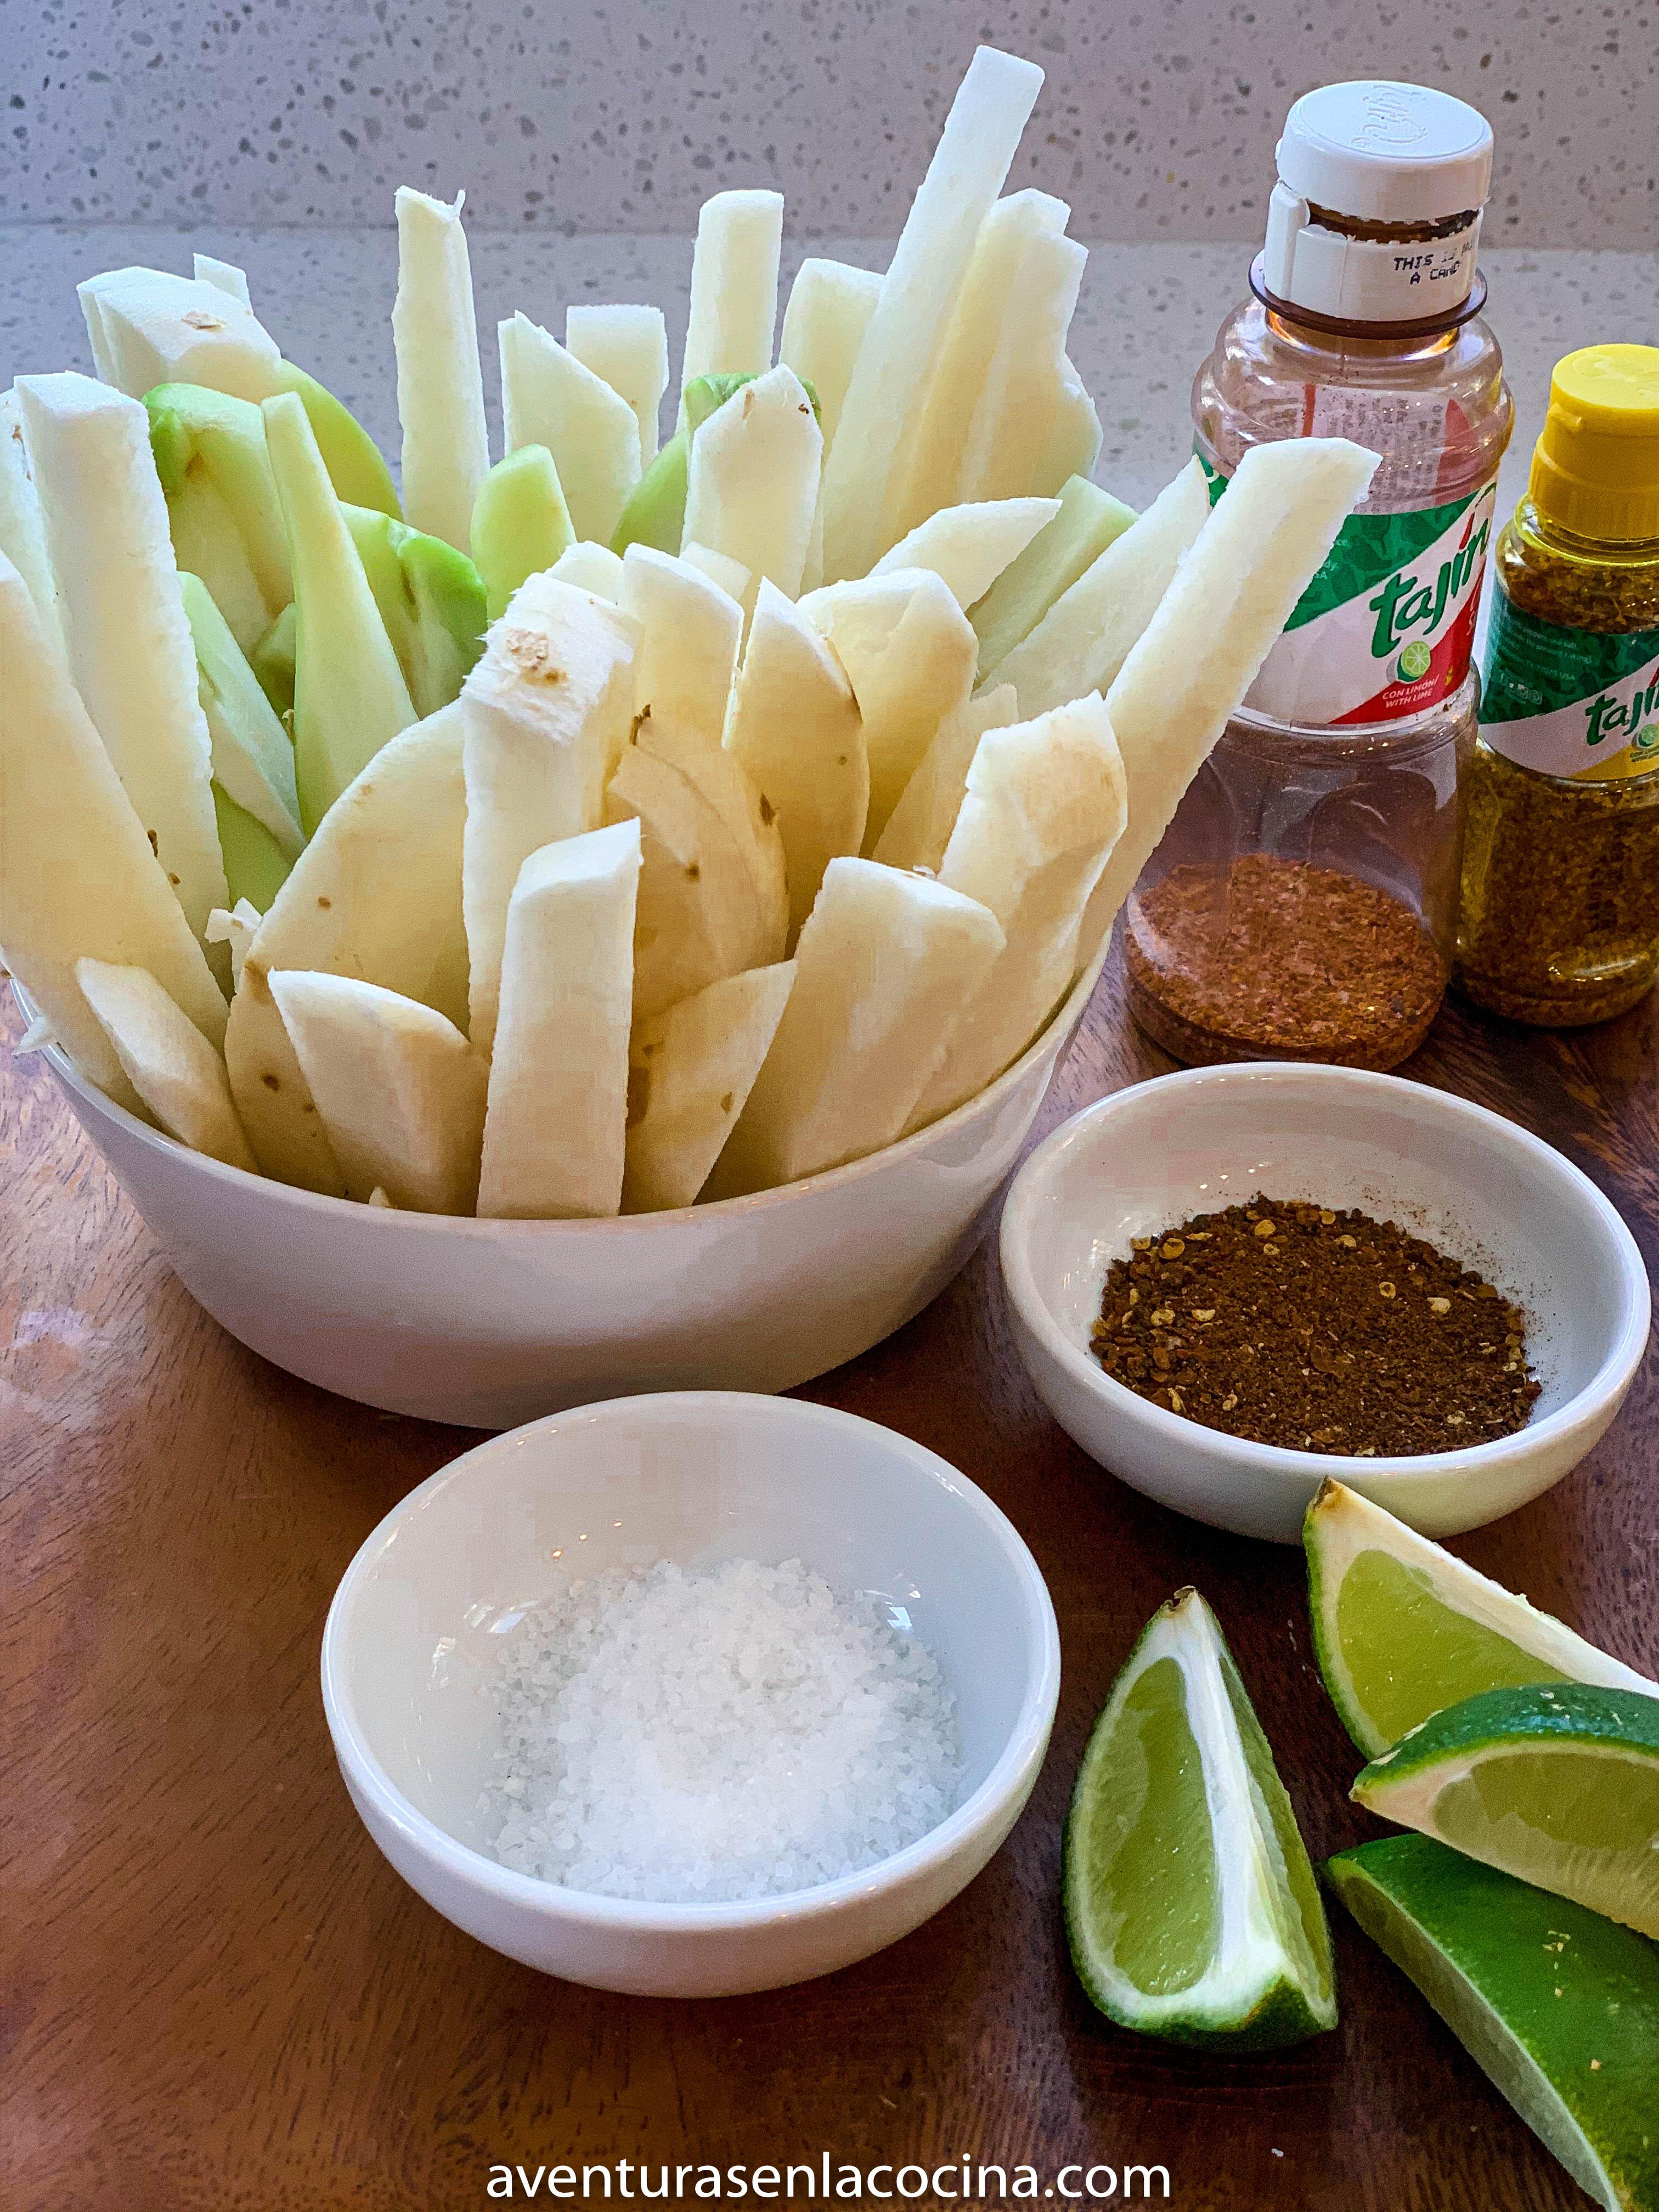 Snack de Jicama y chayote